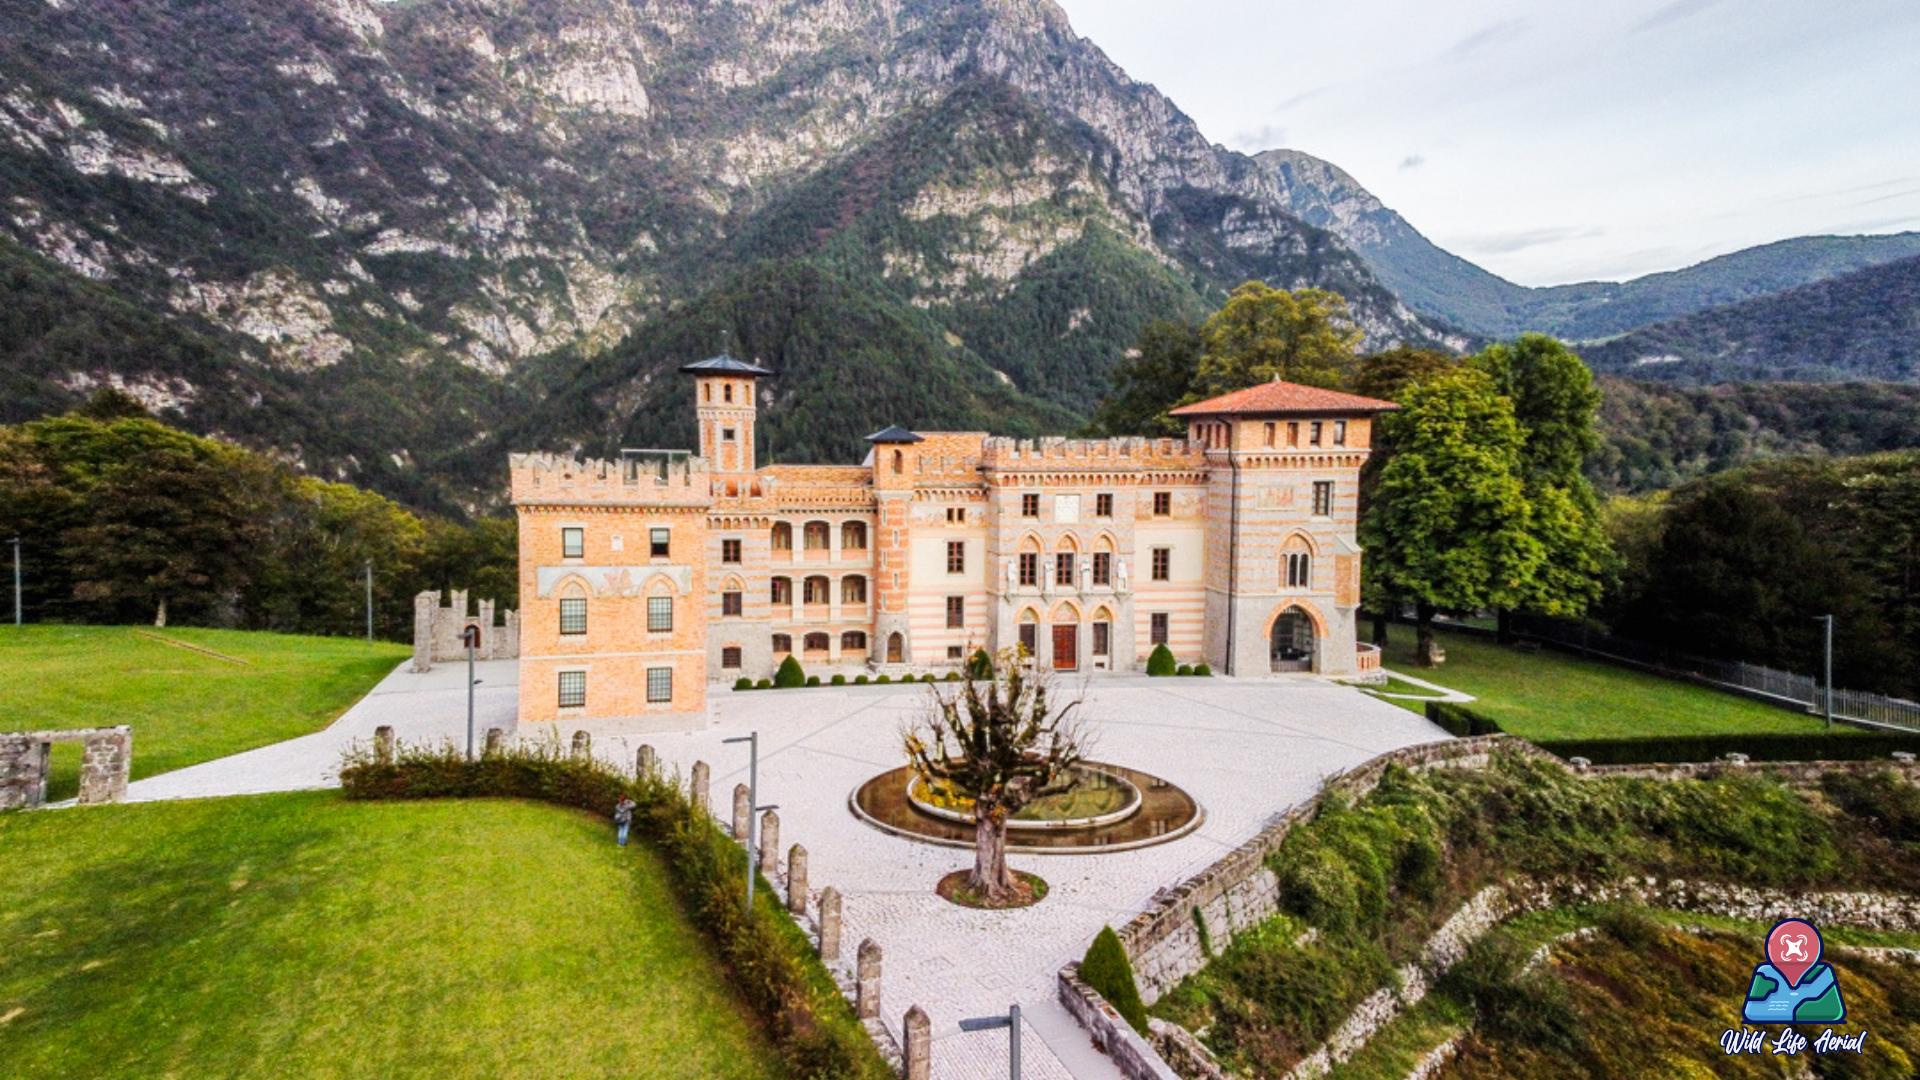 Castelo Ceconi visto dall'alto - in collaborazione con @wildlifeaerial